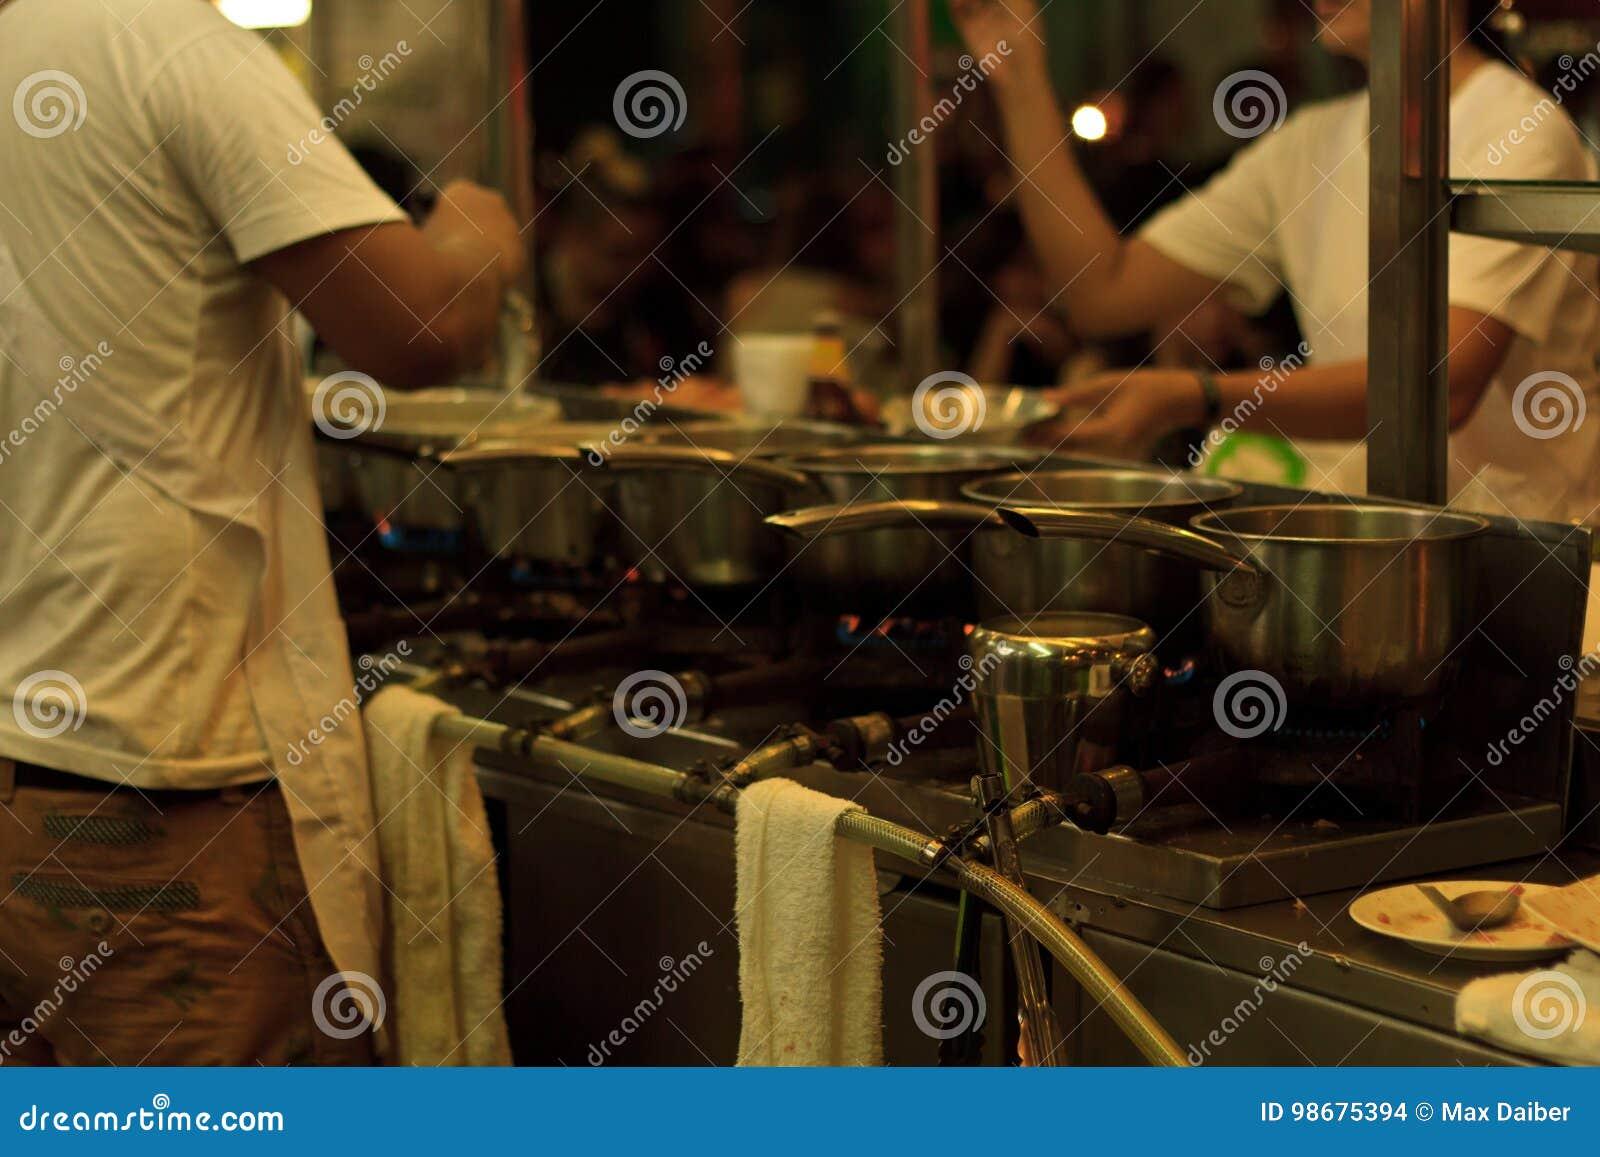 曼谷食物街道